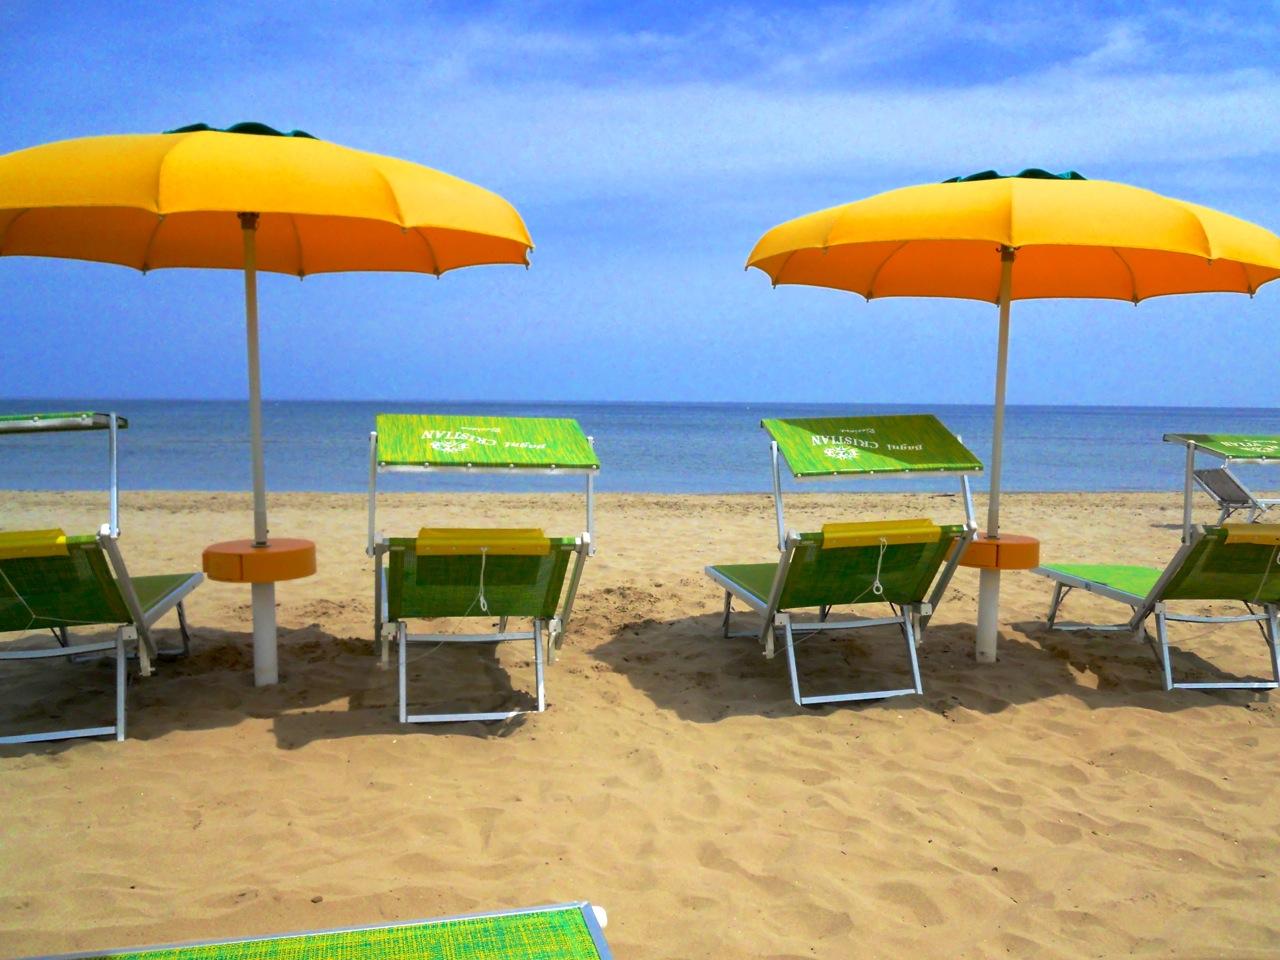 Ombrelloni Per La Spiaggia.Costo Ombrellone E Sdraio Spiaggia Riccione Viaggiamo